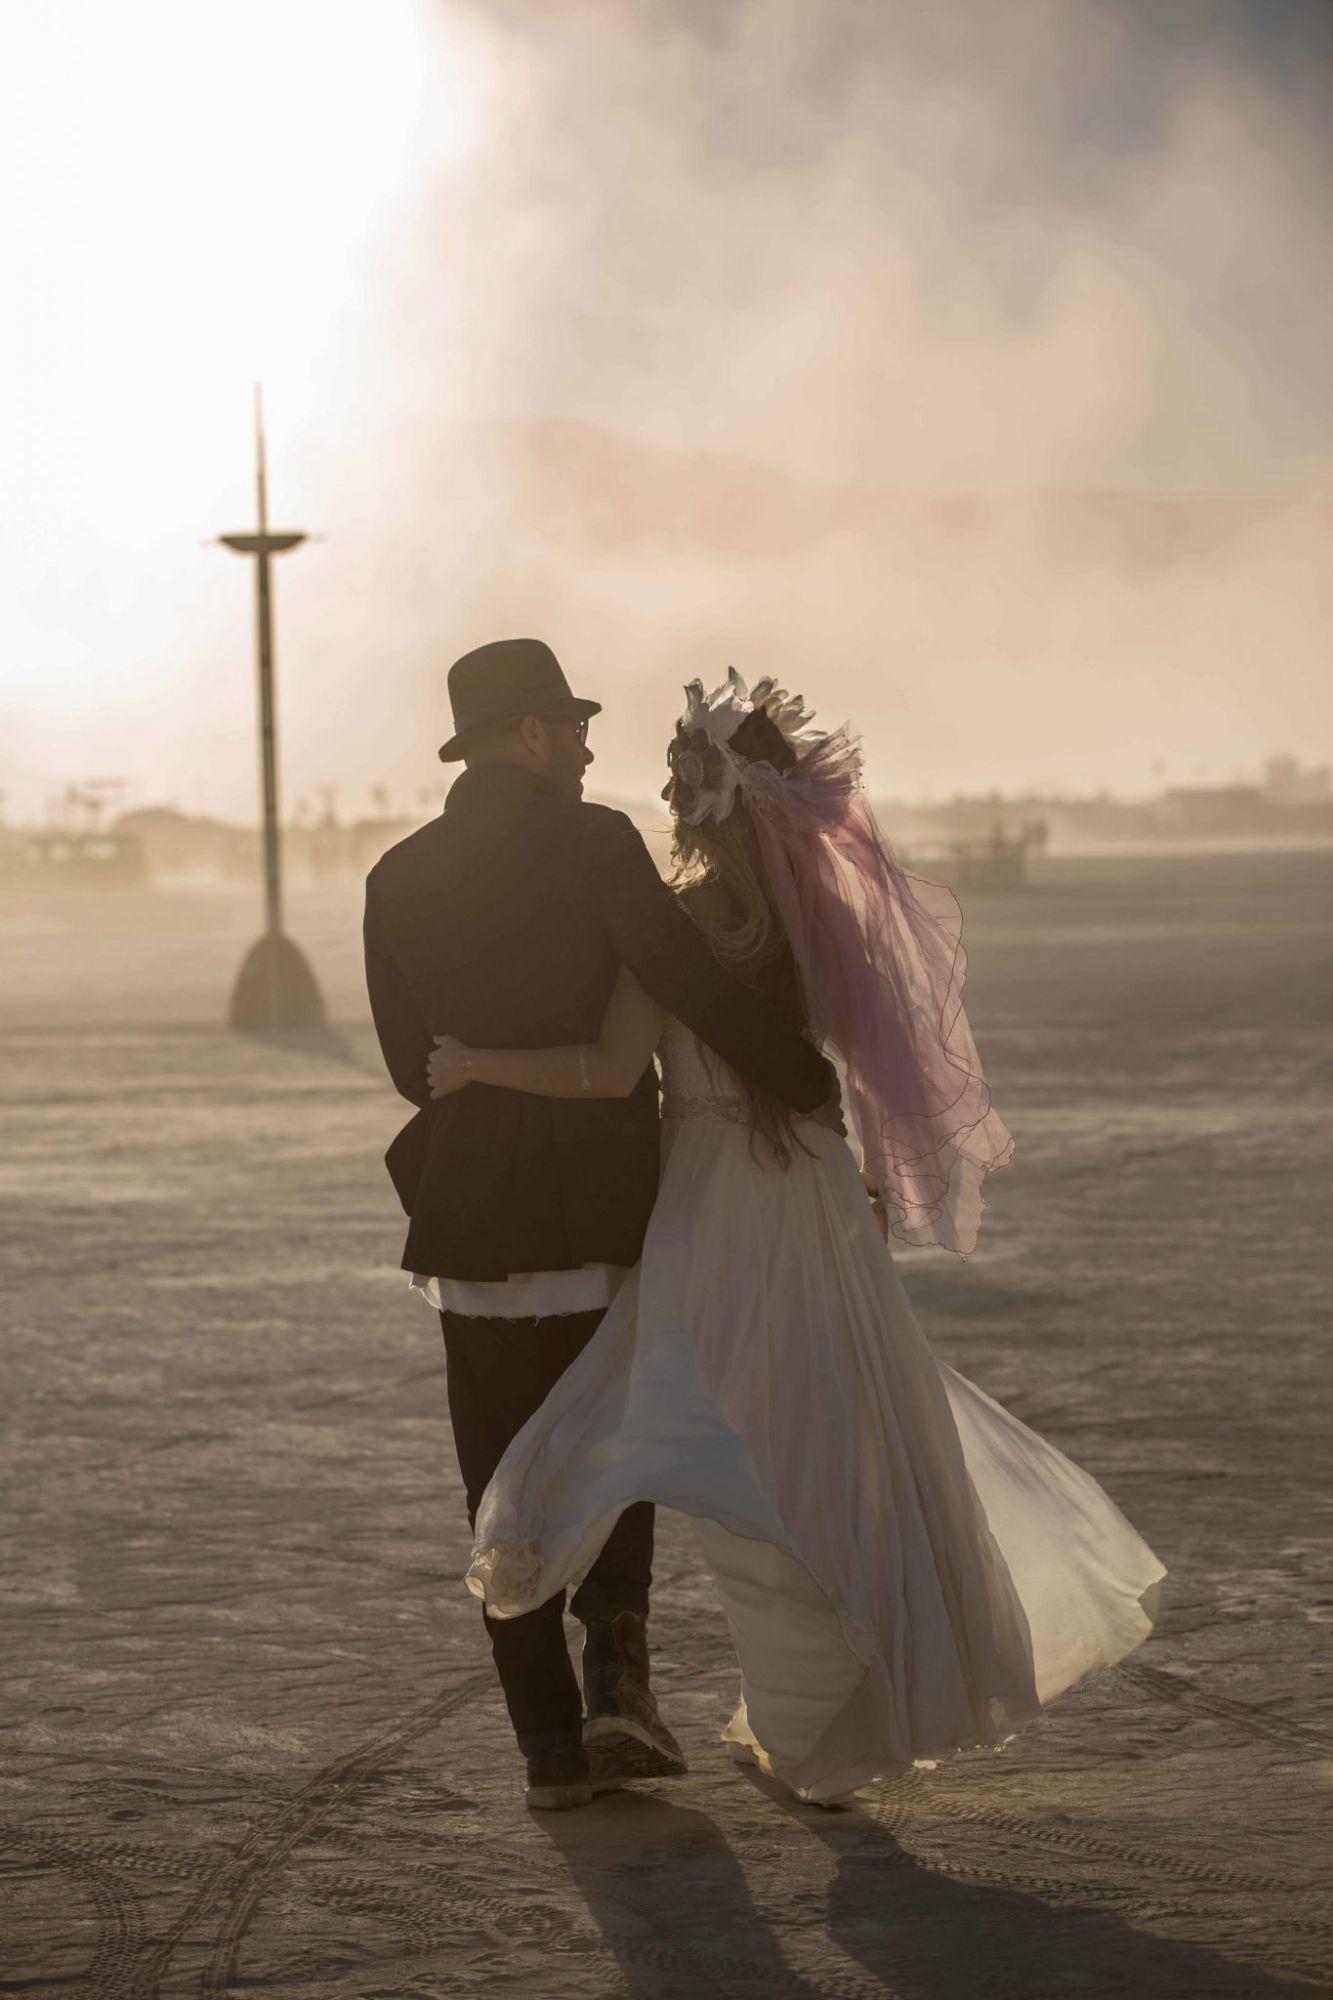 """אל האופק. בלי היסוס. (צילום: תומר פרץ. שמלה מושלמת: """"עמנואל"""", תכשיט ראש: רונית פורטל)"""